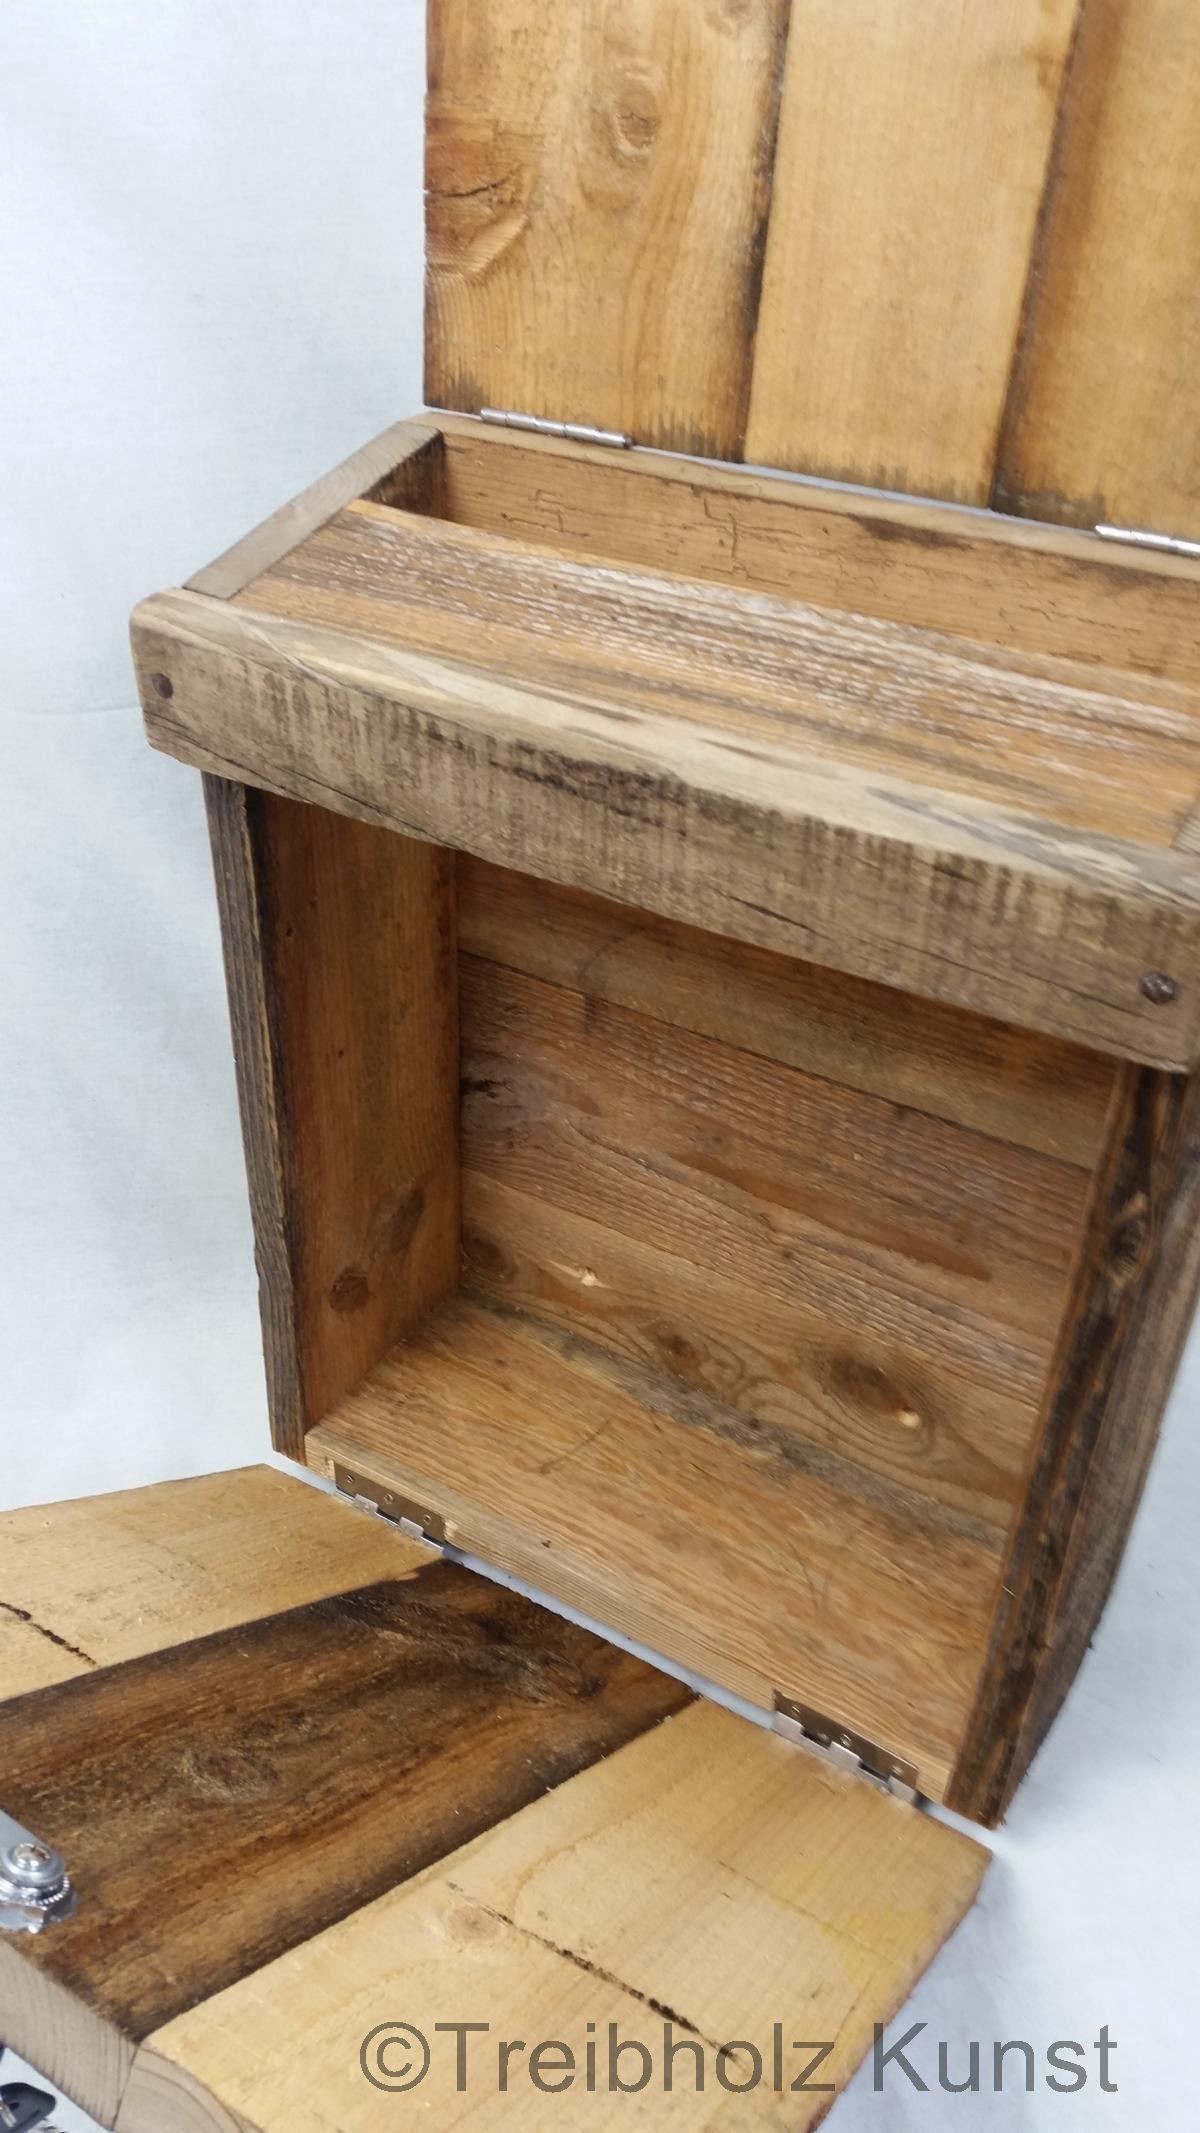 Briefkasten aus holz rustikal briefbox rustkal altholz treibholz - Fensterladen mit lamellen selber bauen ...